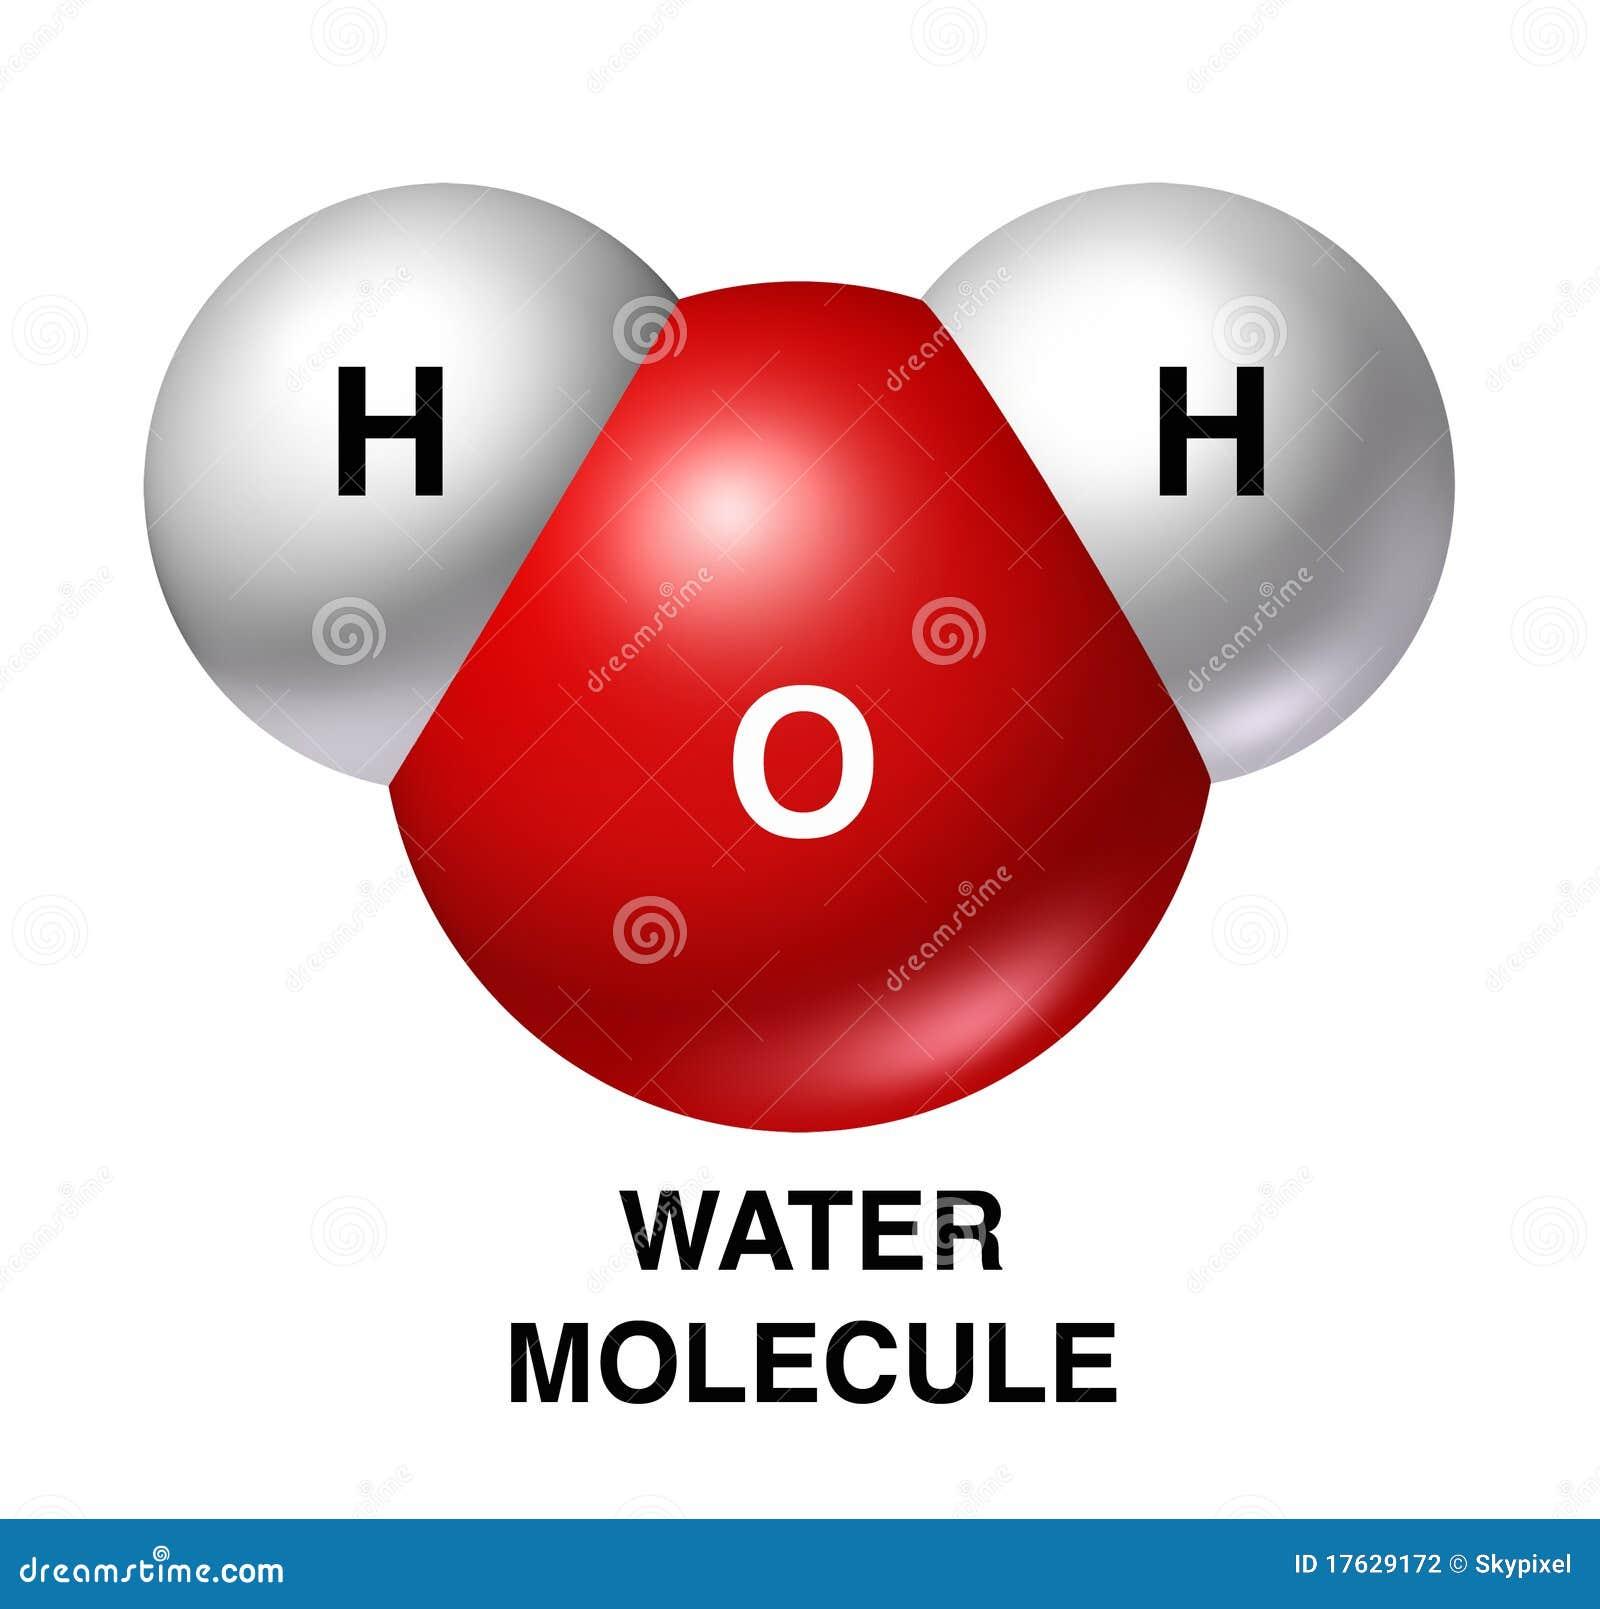 La molecola di acqua h2o ha isolato il wh di colore rosso dell idrogeno dell ossigeno